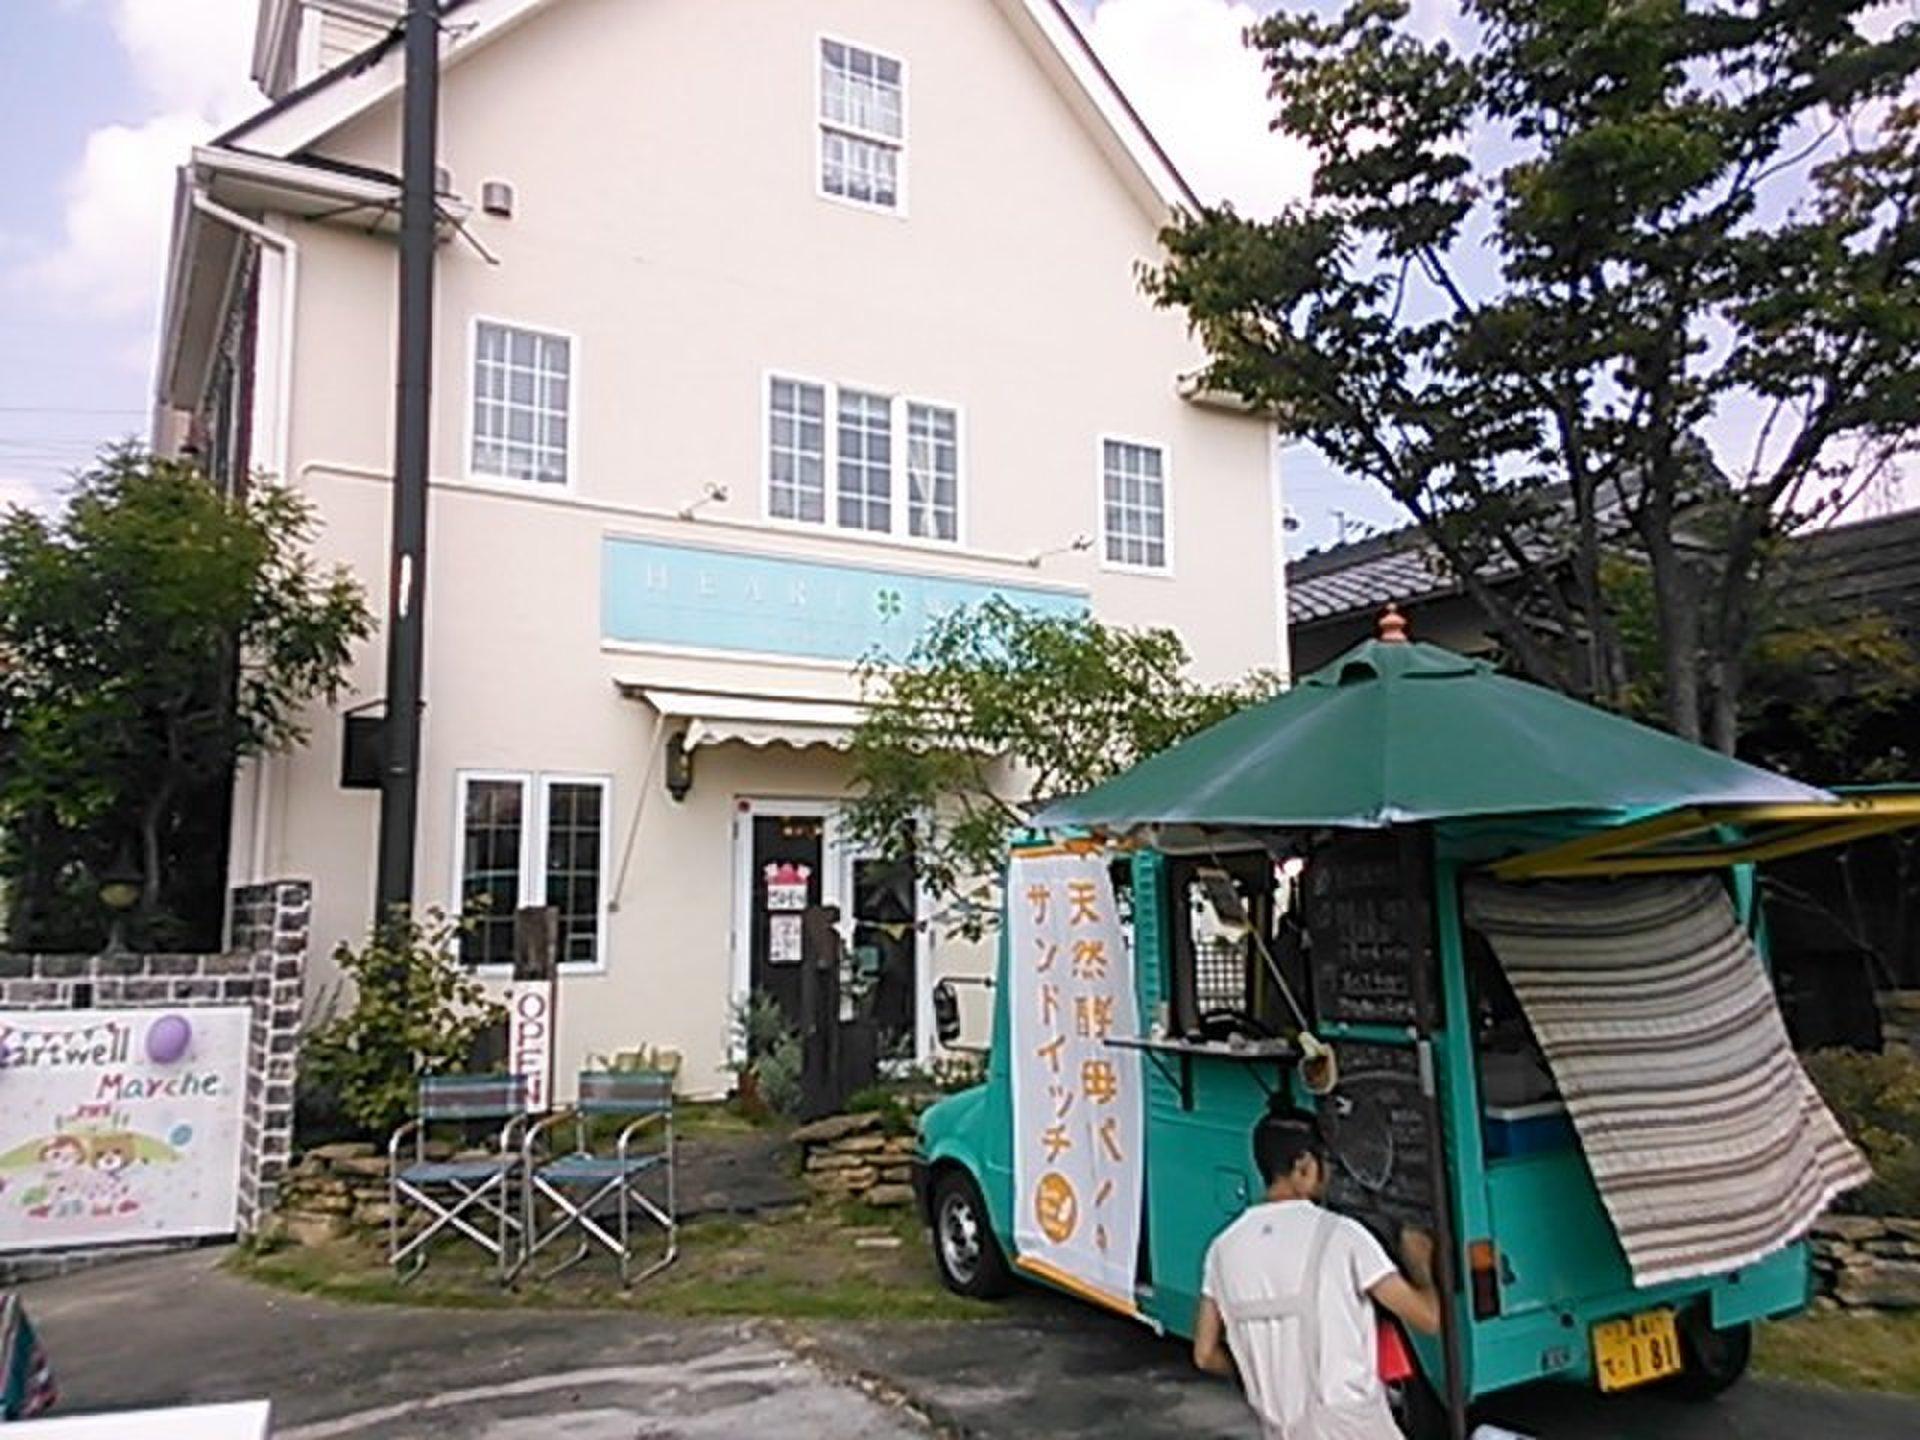 予約の取れない「トッティ」ネイル☆in安城 住宅展示場でイベント出店と聞き急いで行ってきました